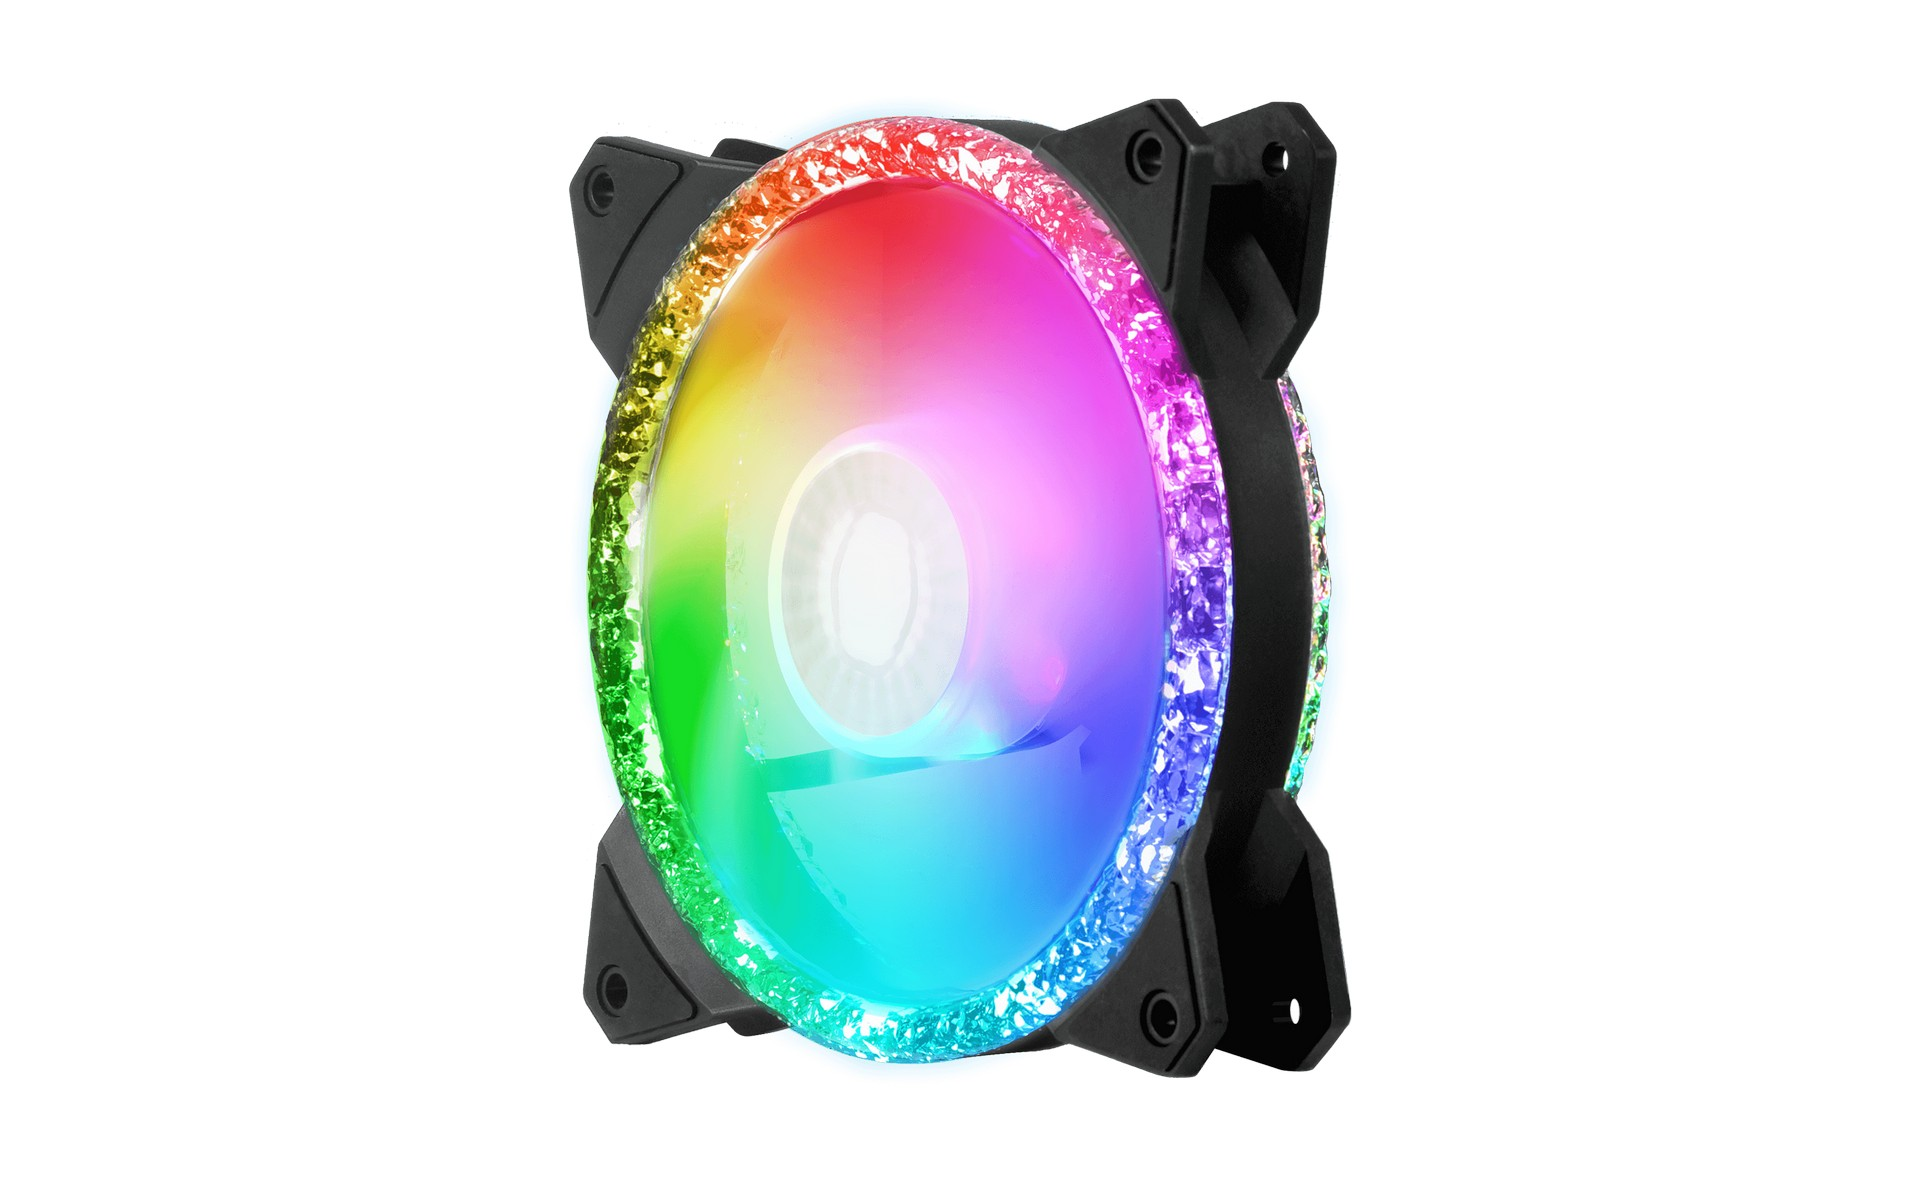 Cooler Master MasterFan MF120 Prismatic được trang bị 24 bóng LED ARGB